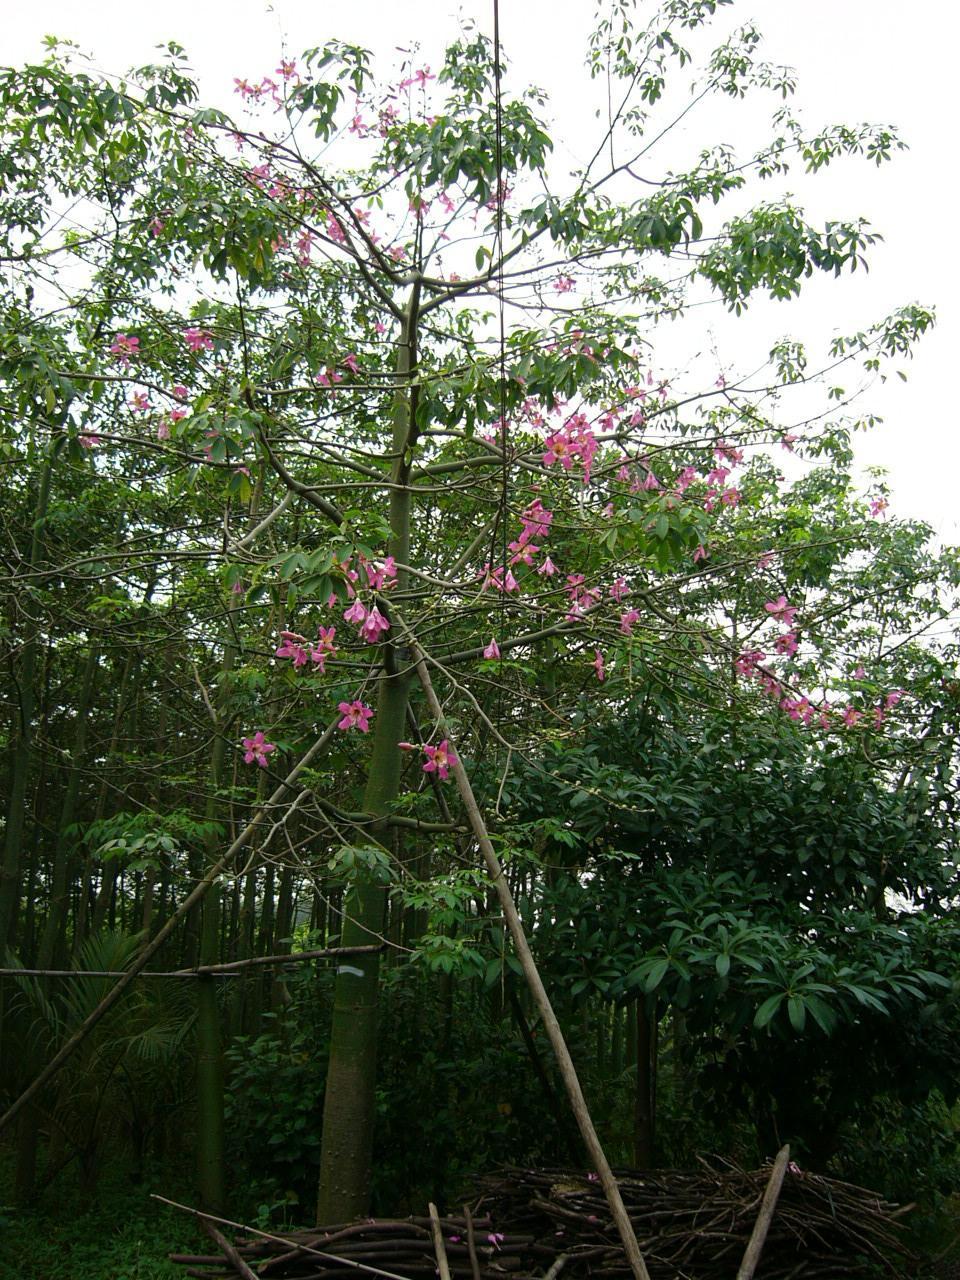 大叶榄仁 面议 美丽异木棉 面议 鸡冠刺桐 面议 黄槿 面议 秋枫树桩